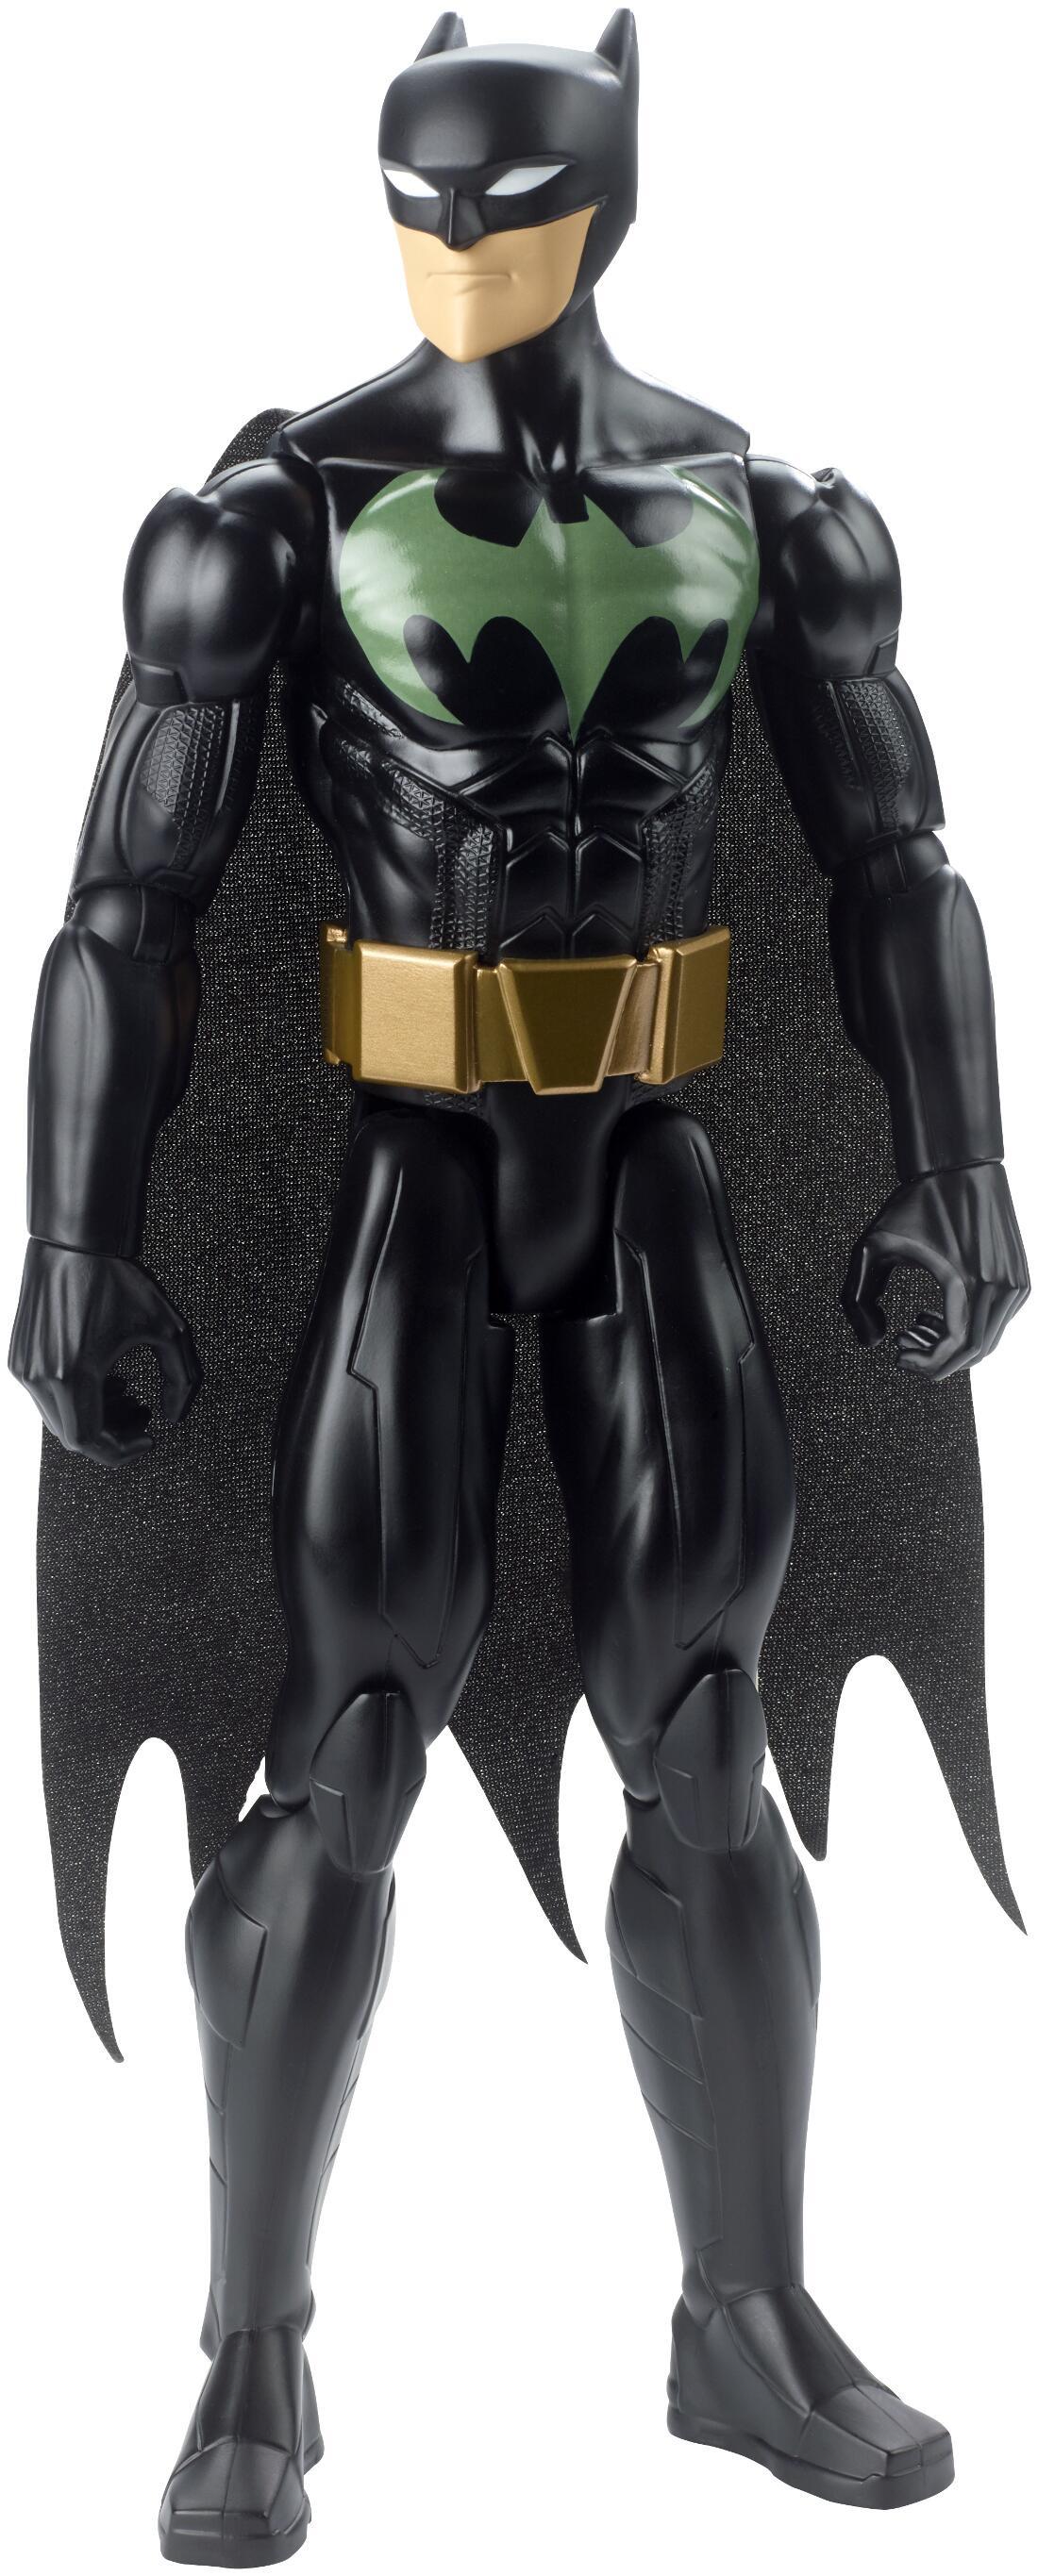 ΦΙΓΟΥΡΑ Batman 30 ΕΚ (Black Suit)